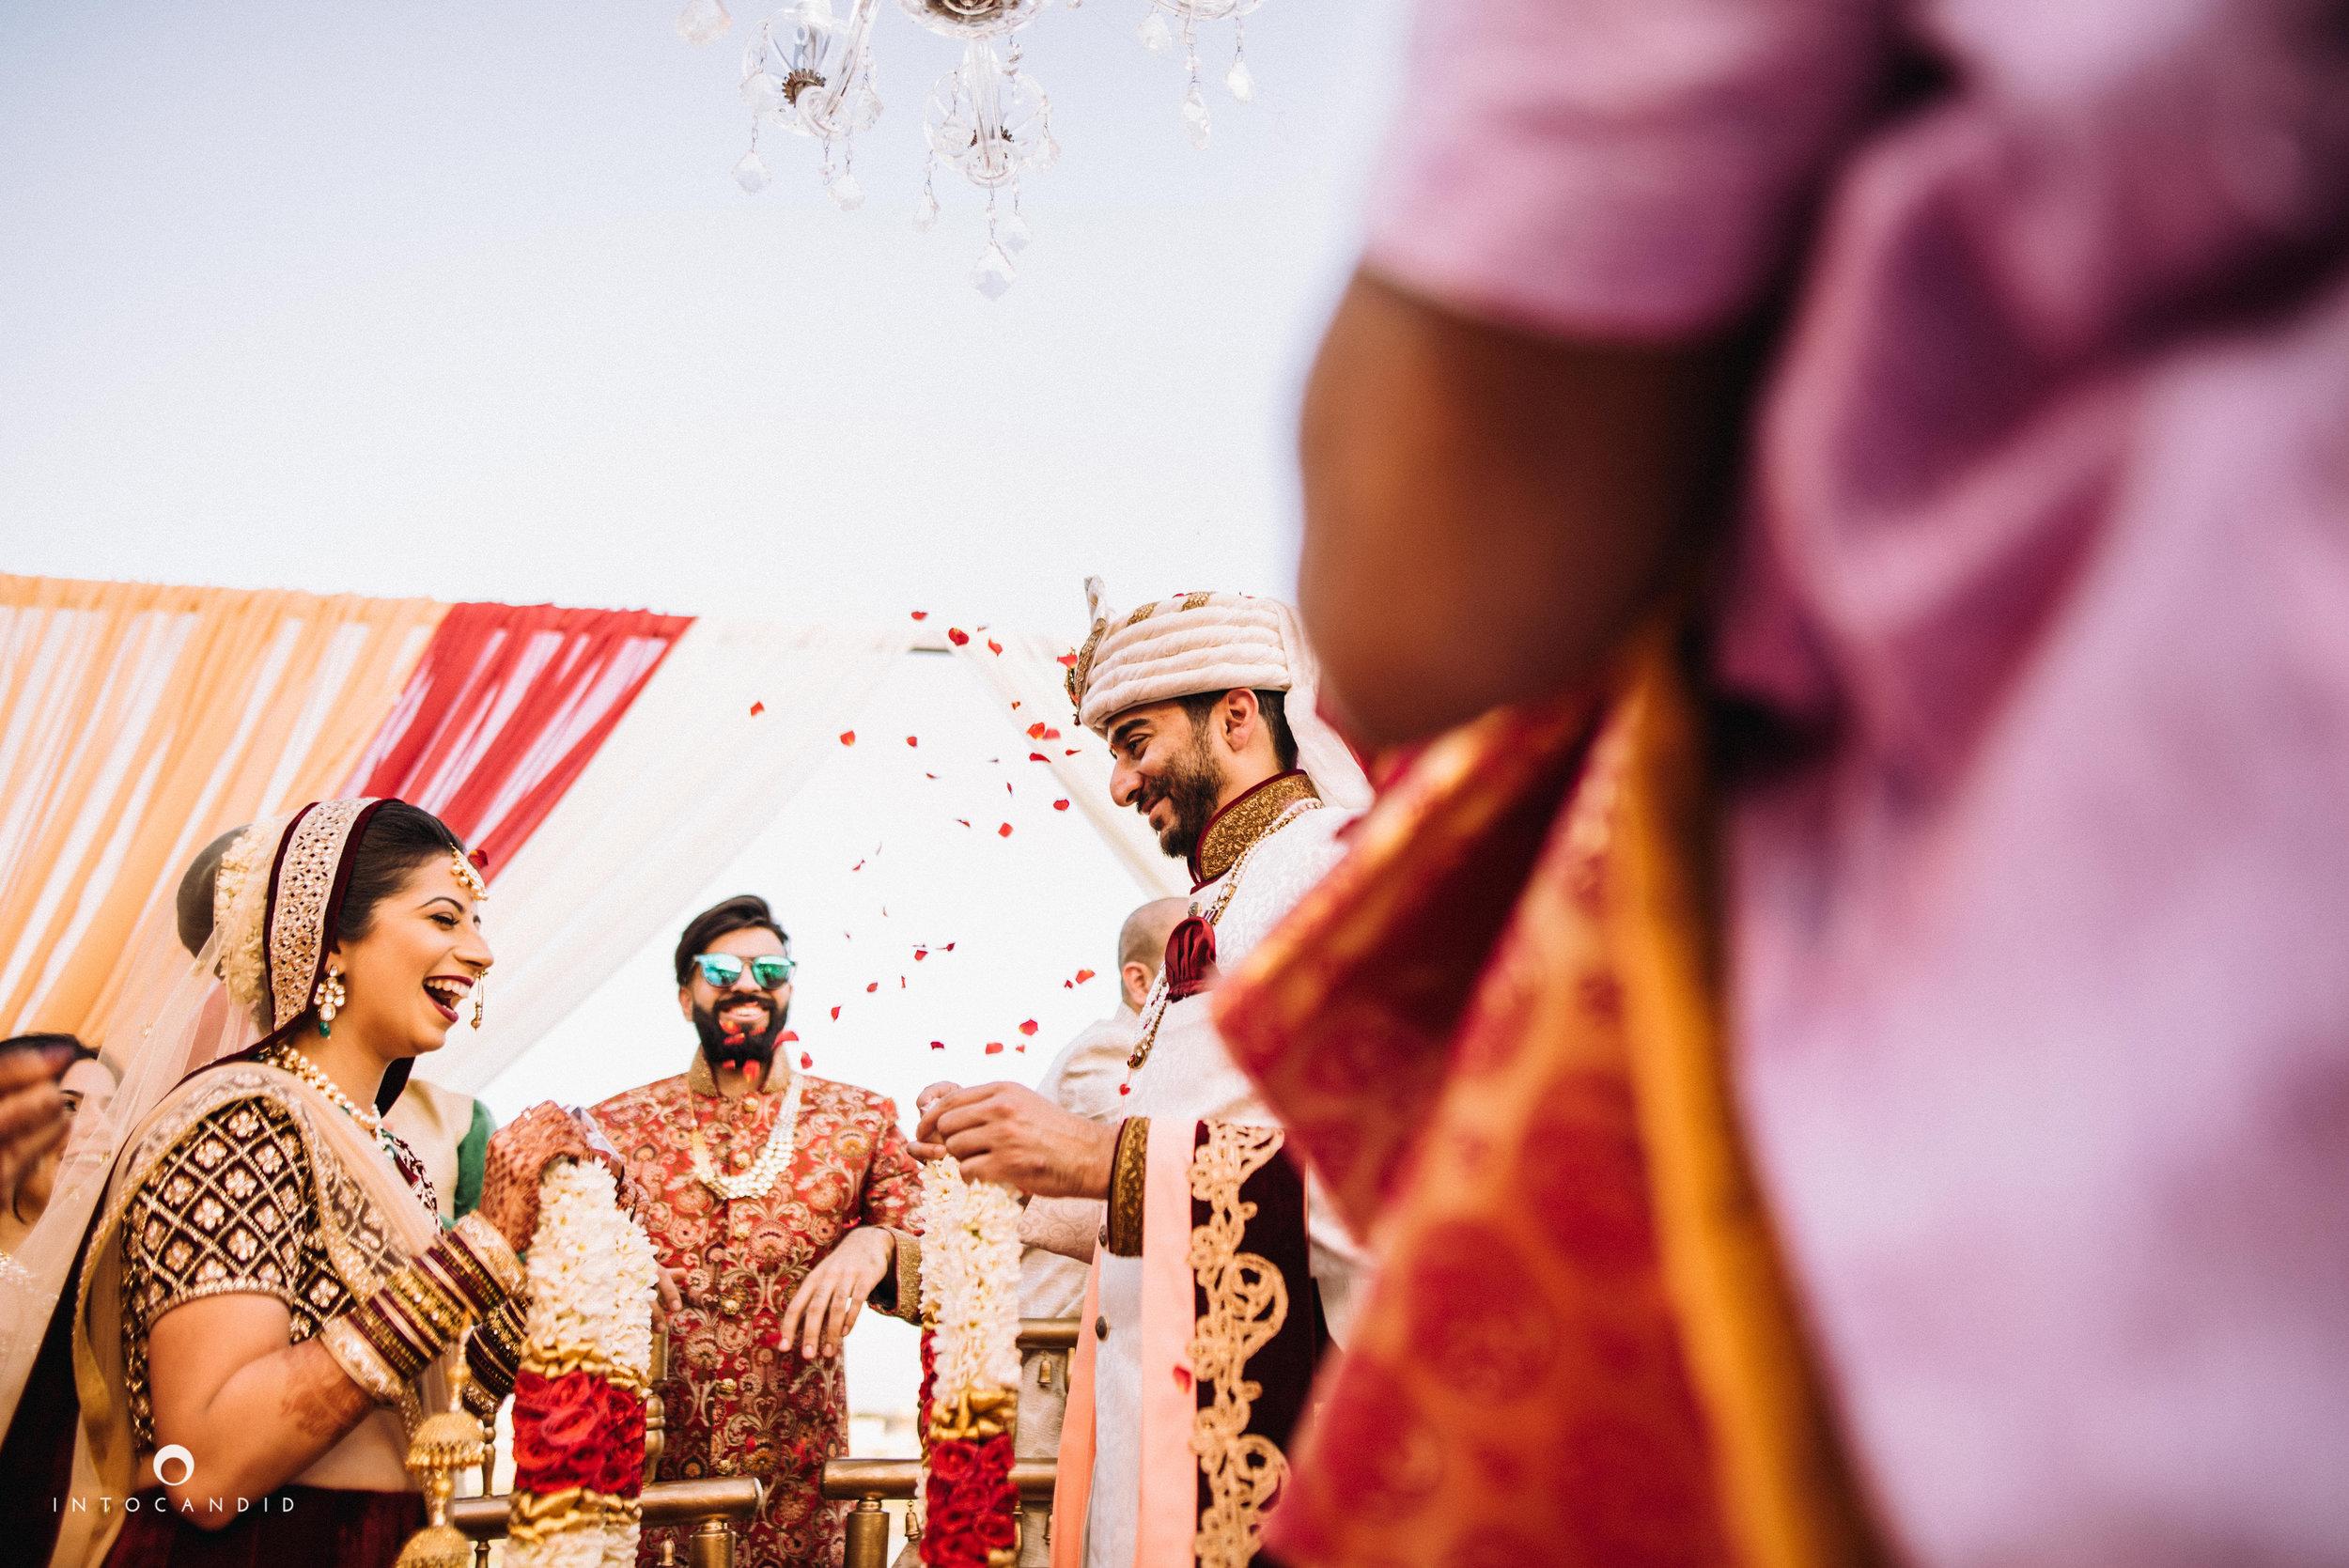 Dubai_Wedding_Photographer_39.JPG